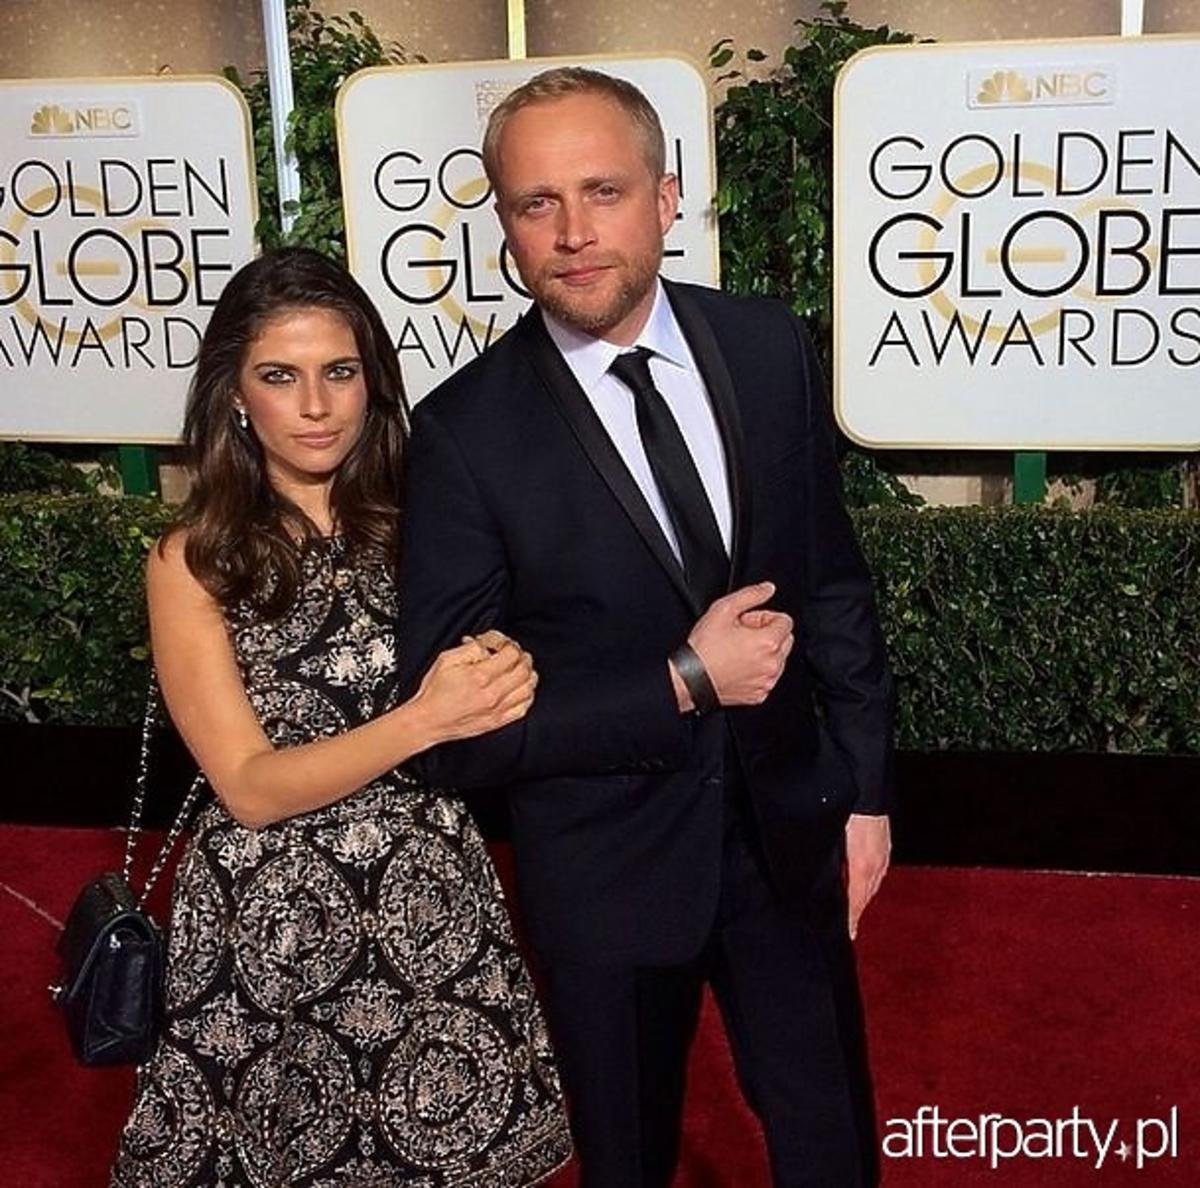 Weronika Rosati, Piotr Adamczyk pozują do zdjęć na Złotych Globach 2015